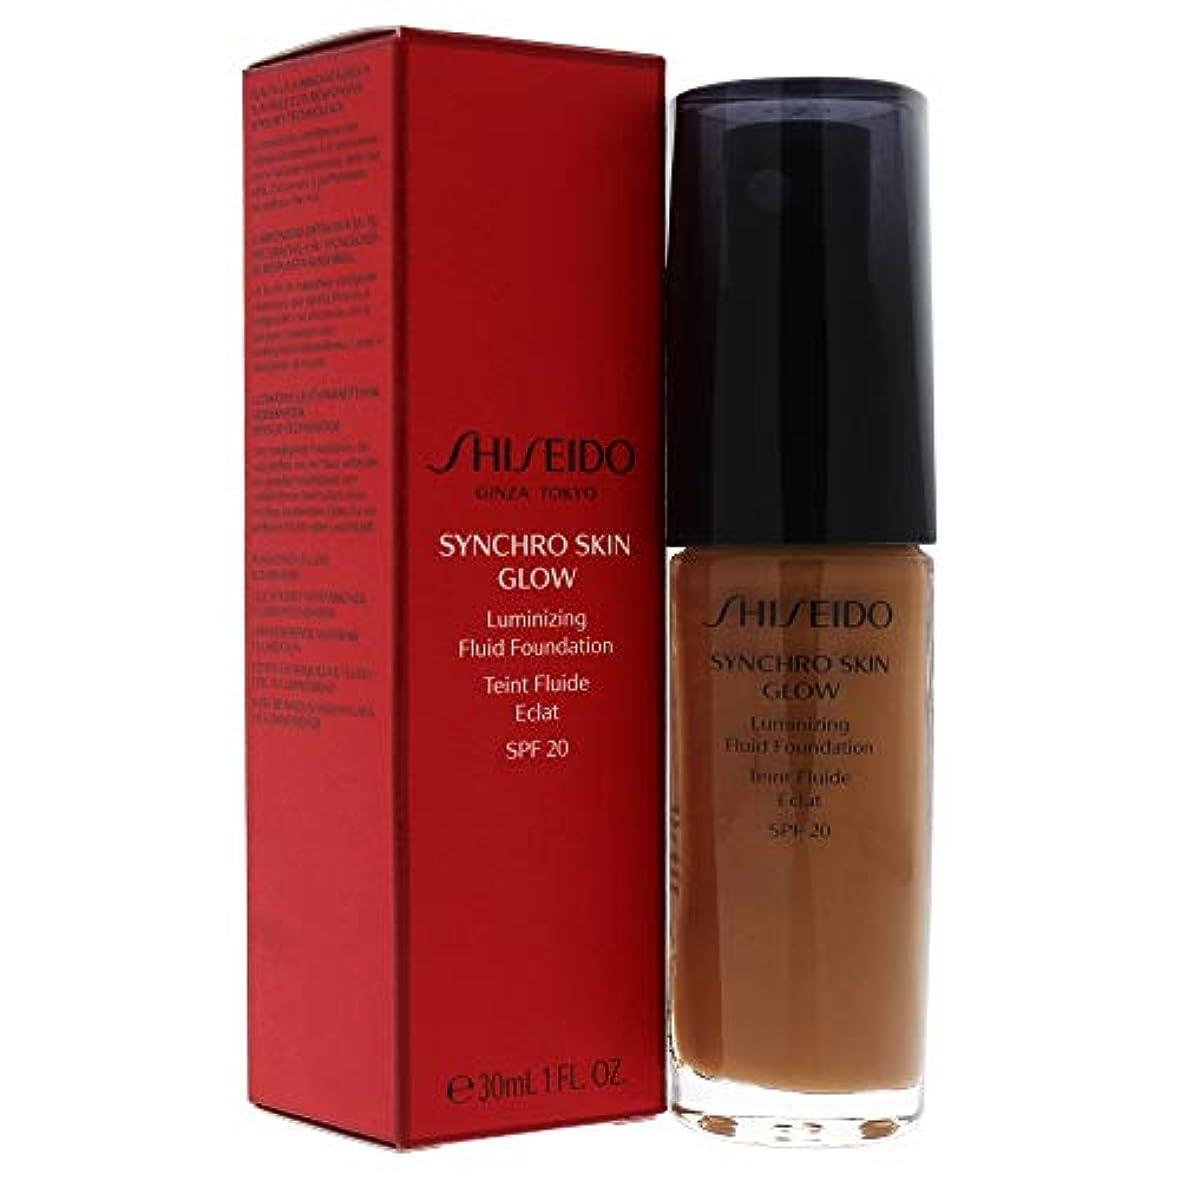 シート灰格納Synchro Skin Glow Luminizing Fluid Foundation SPF 20 - # 06 Golden